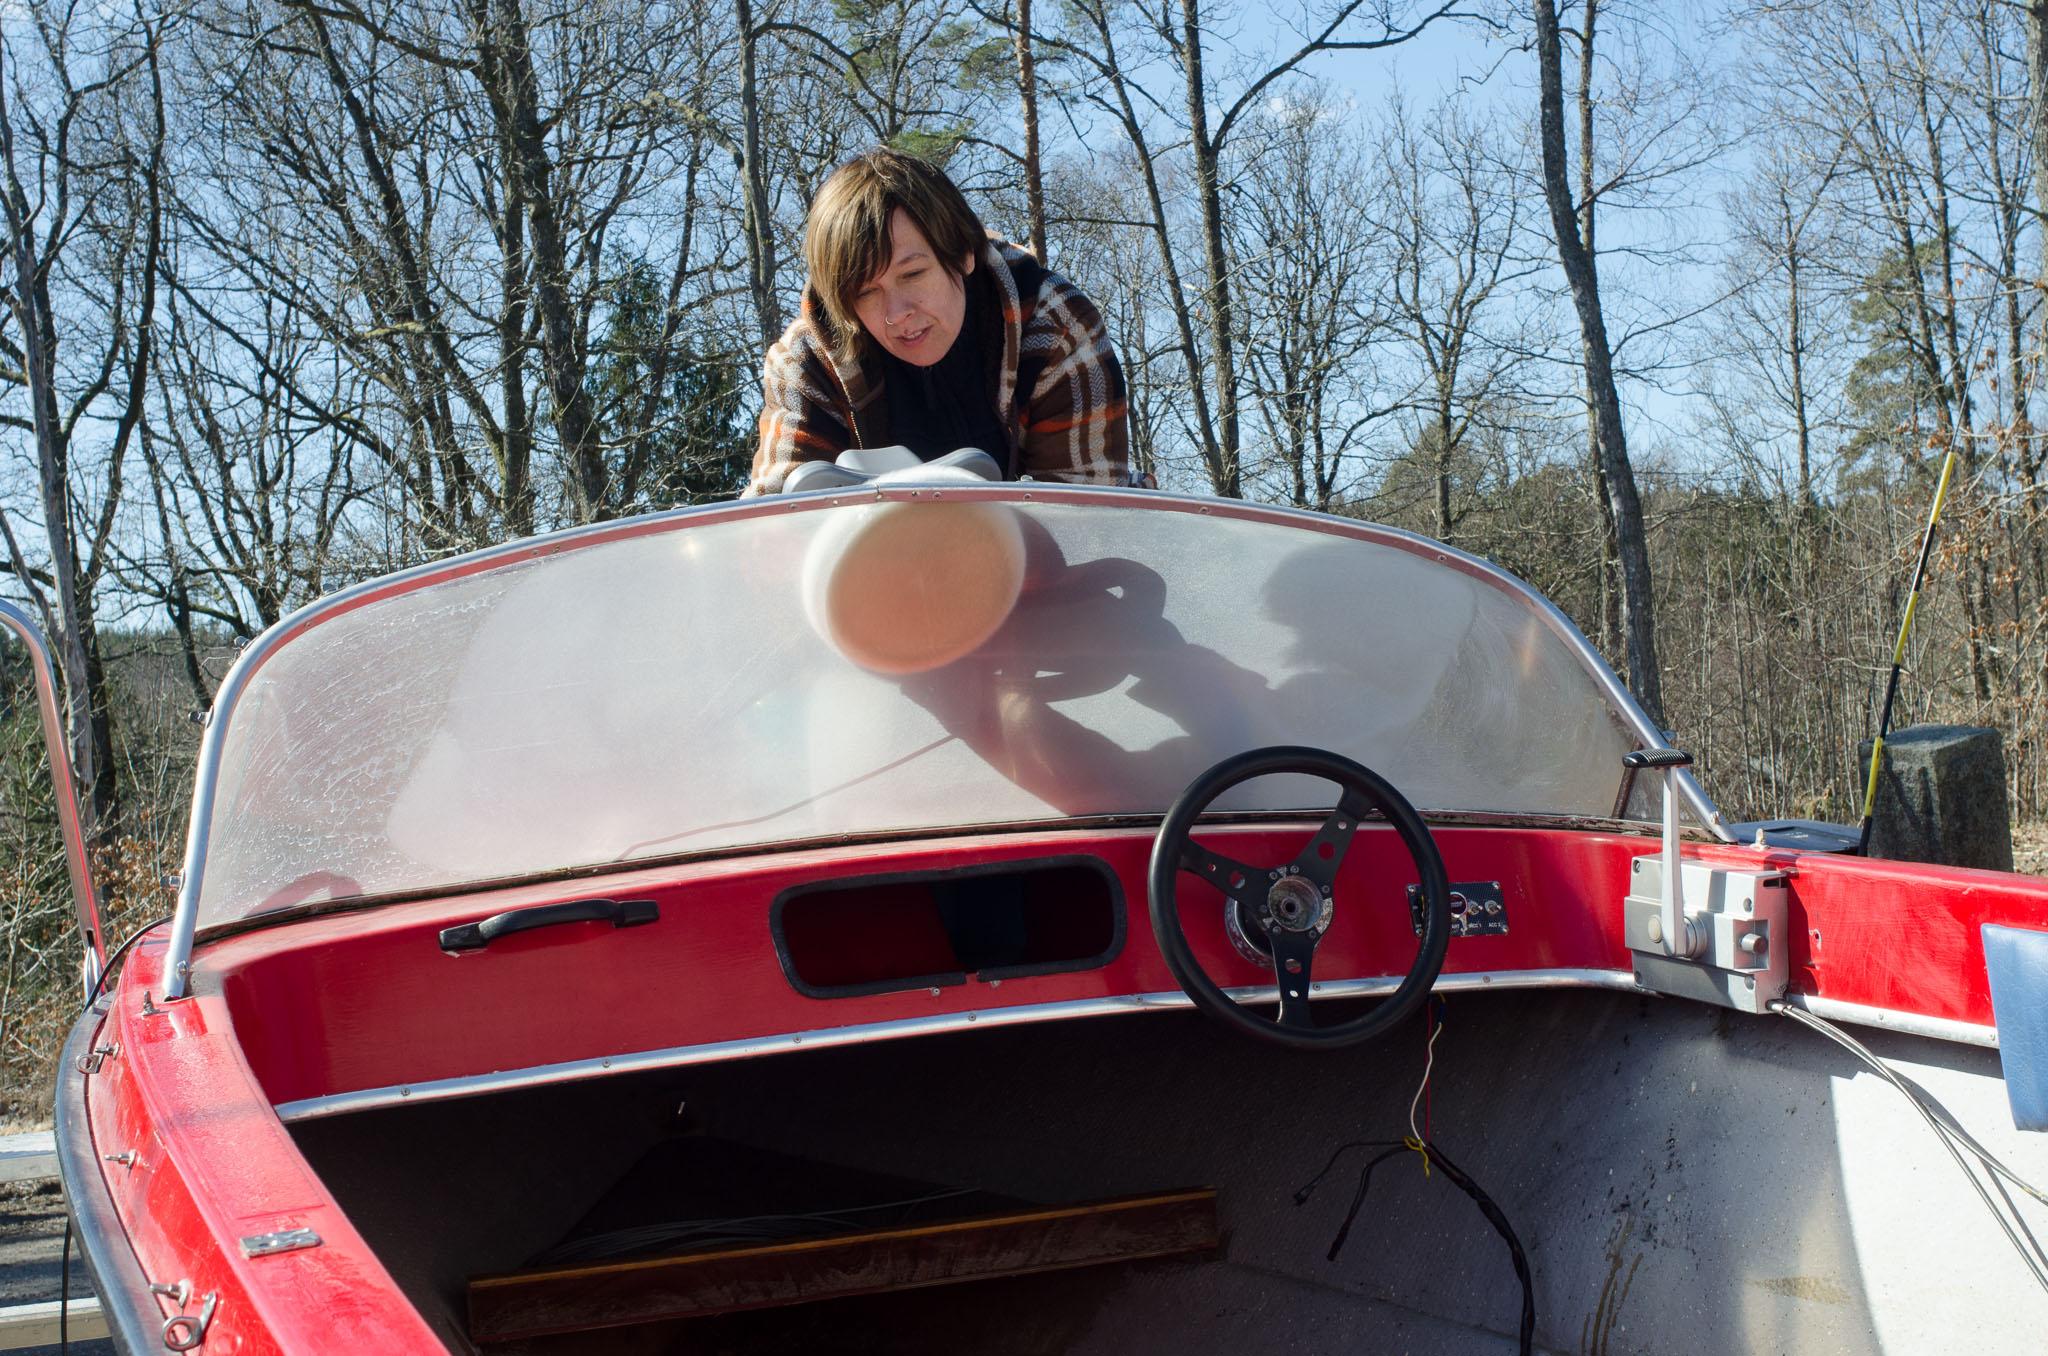 vajer på båt